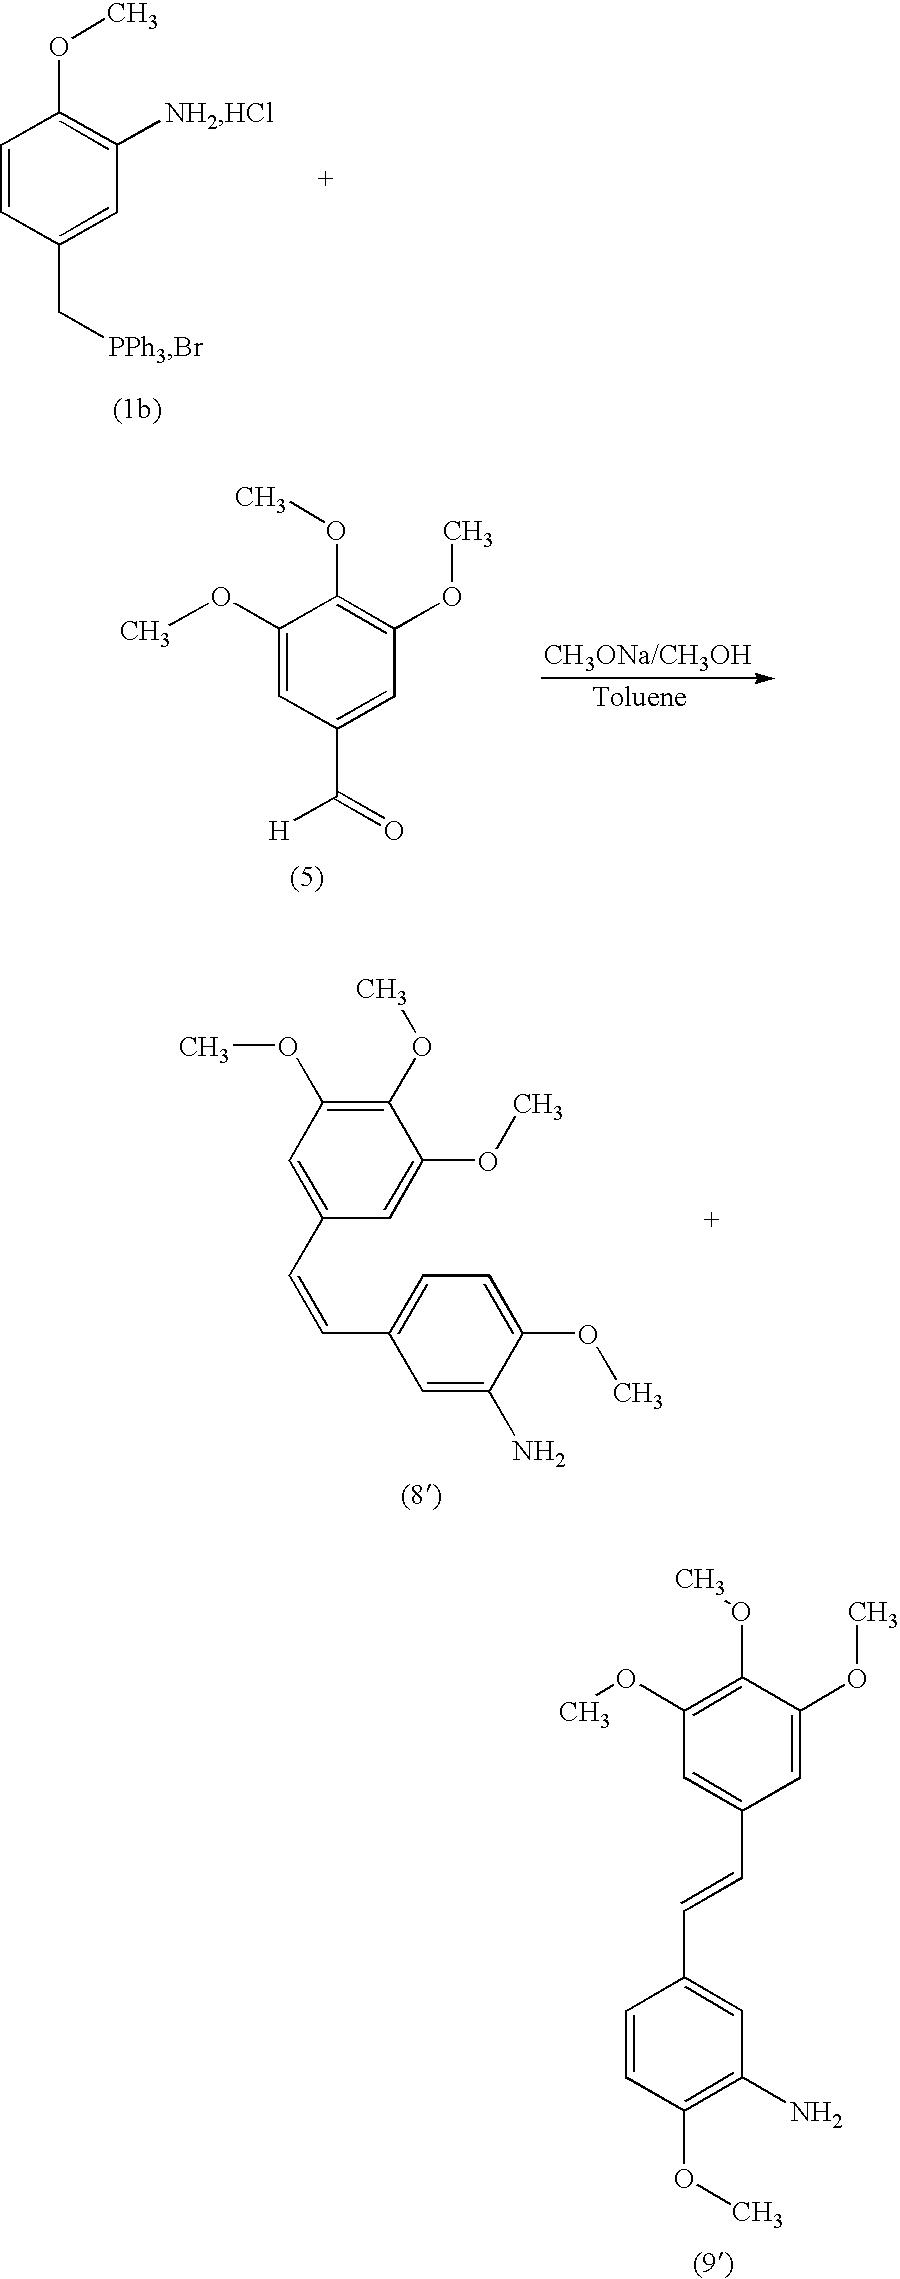 Figure US20030220404A1-20031127-C00019